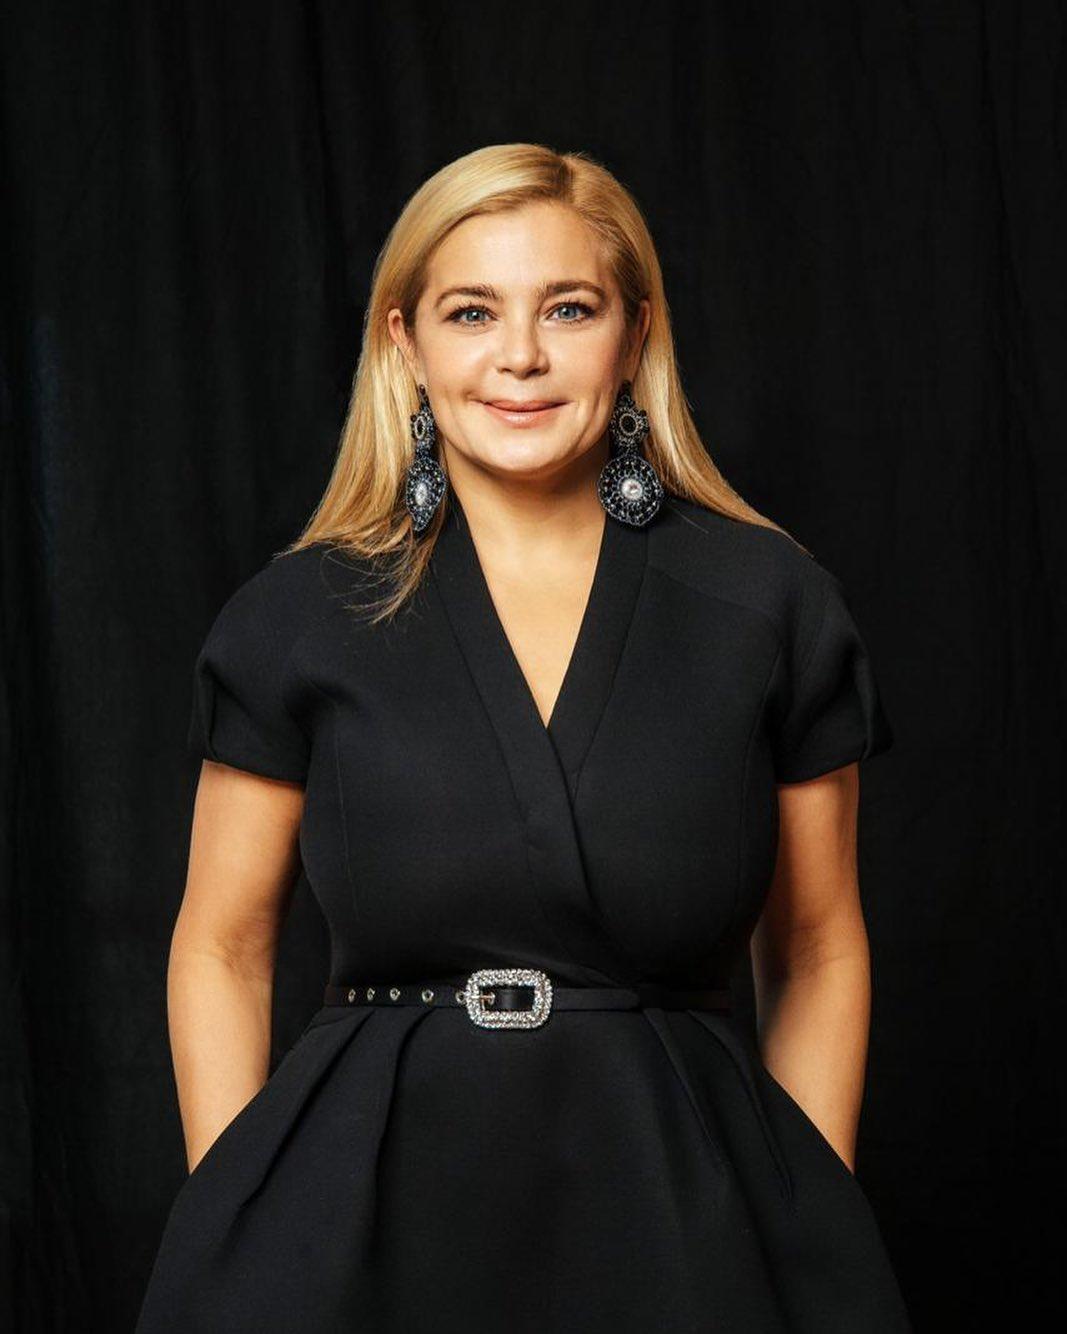 Похудеть У Ирины. Диета, благодаря которой актрисе Ирине Пеговой удалось сбросить 20 кг